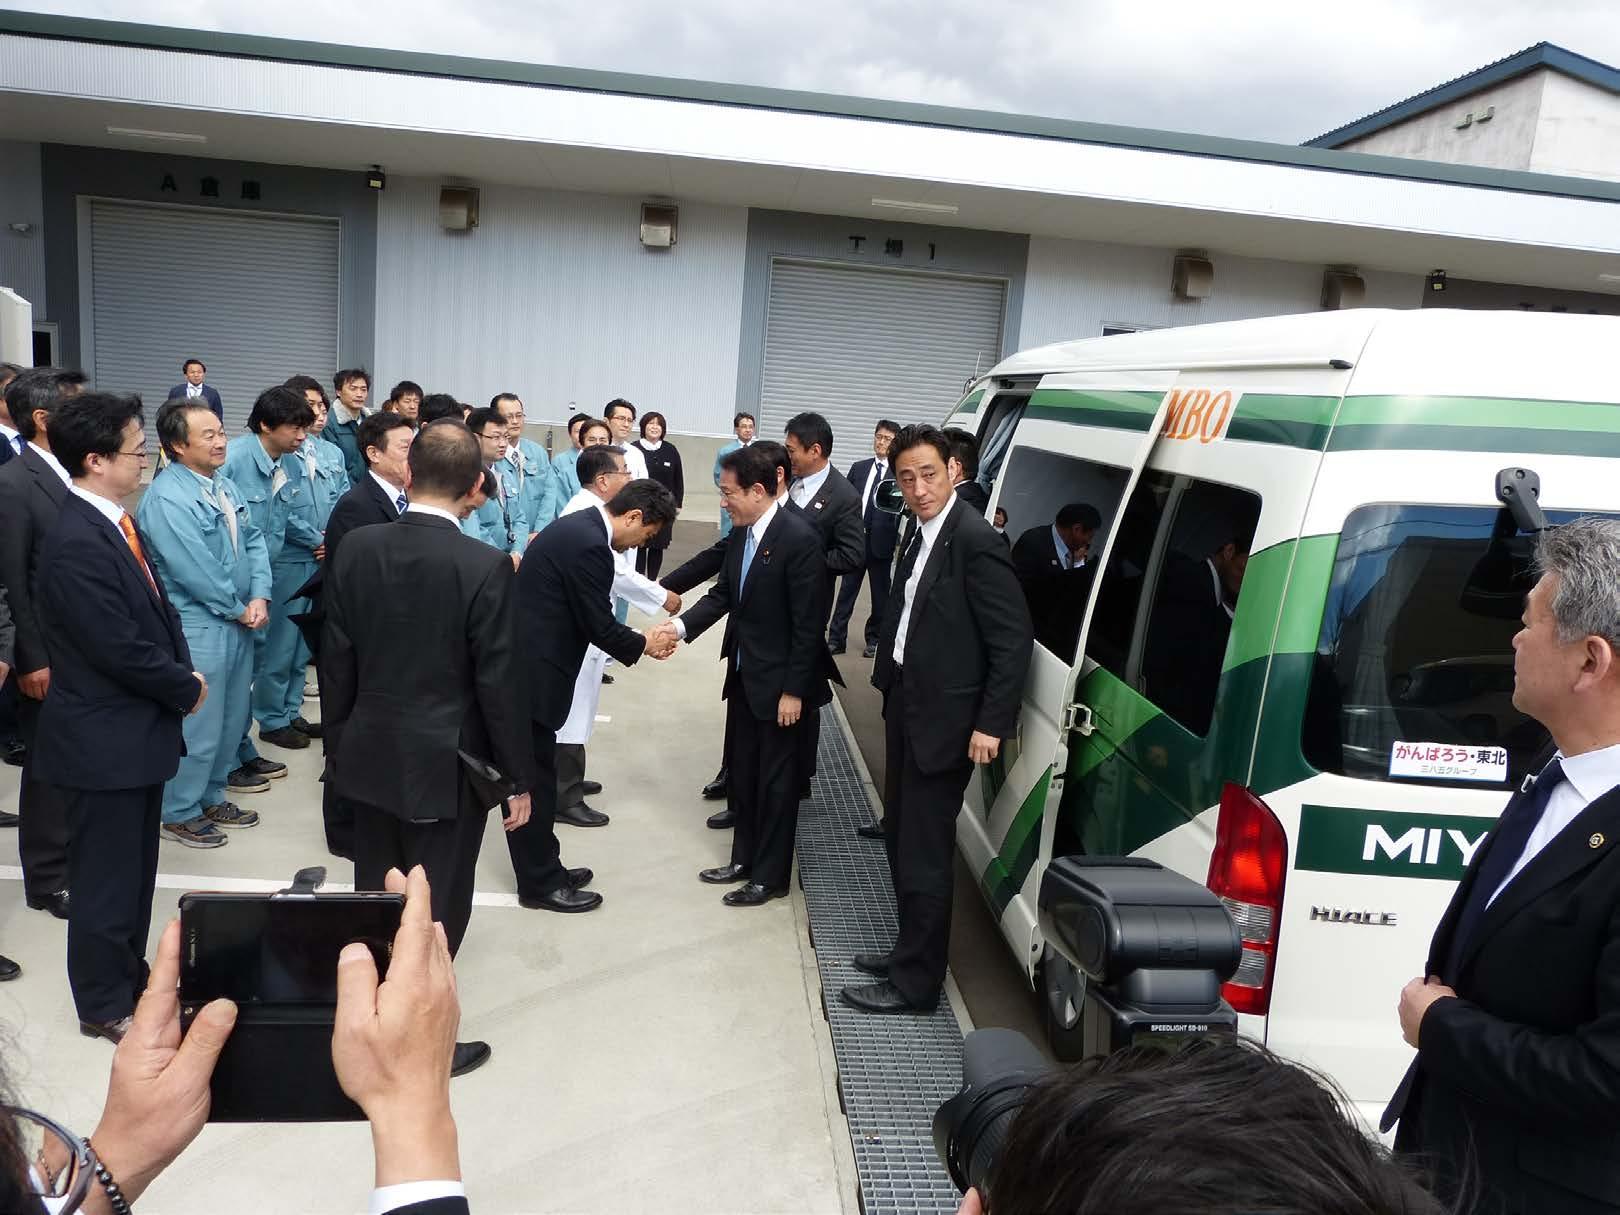 服部会長、鳴瀨社長と握手を交わす岸田外相と、各国大使および大使館職員の皆様